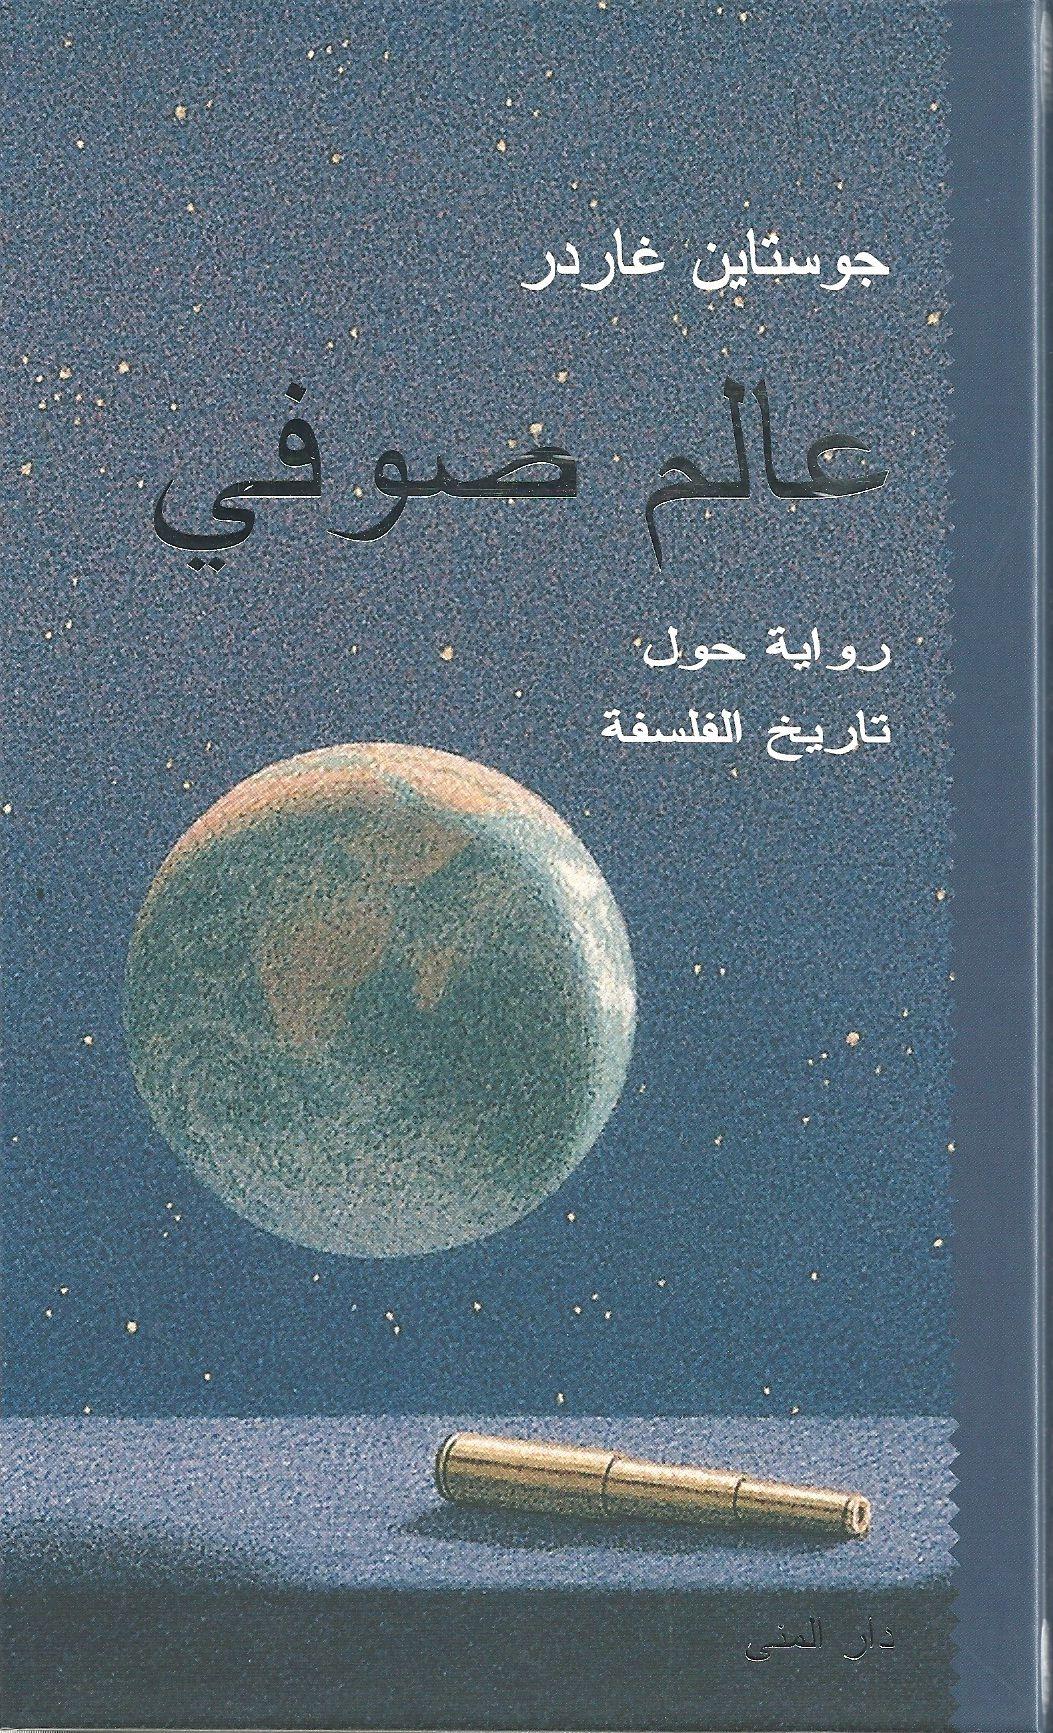 عالم صوفي رواية حول تاريخ الفلسفة Arabic Books Book Lovers Pdf Books